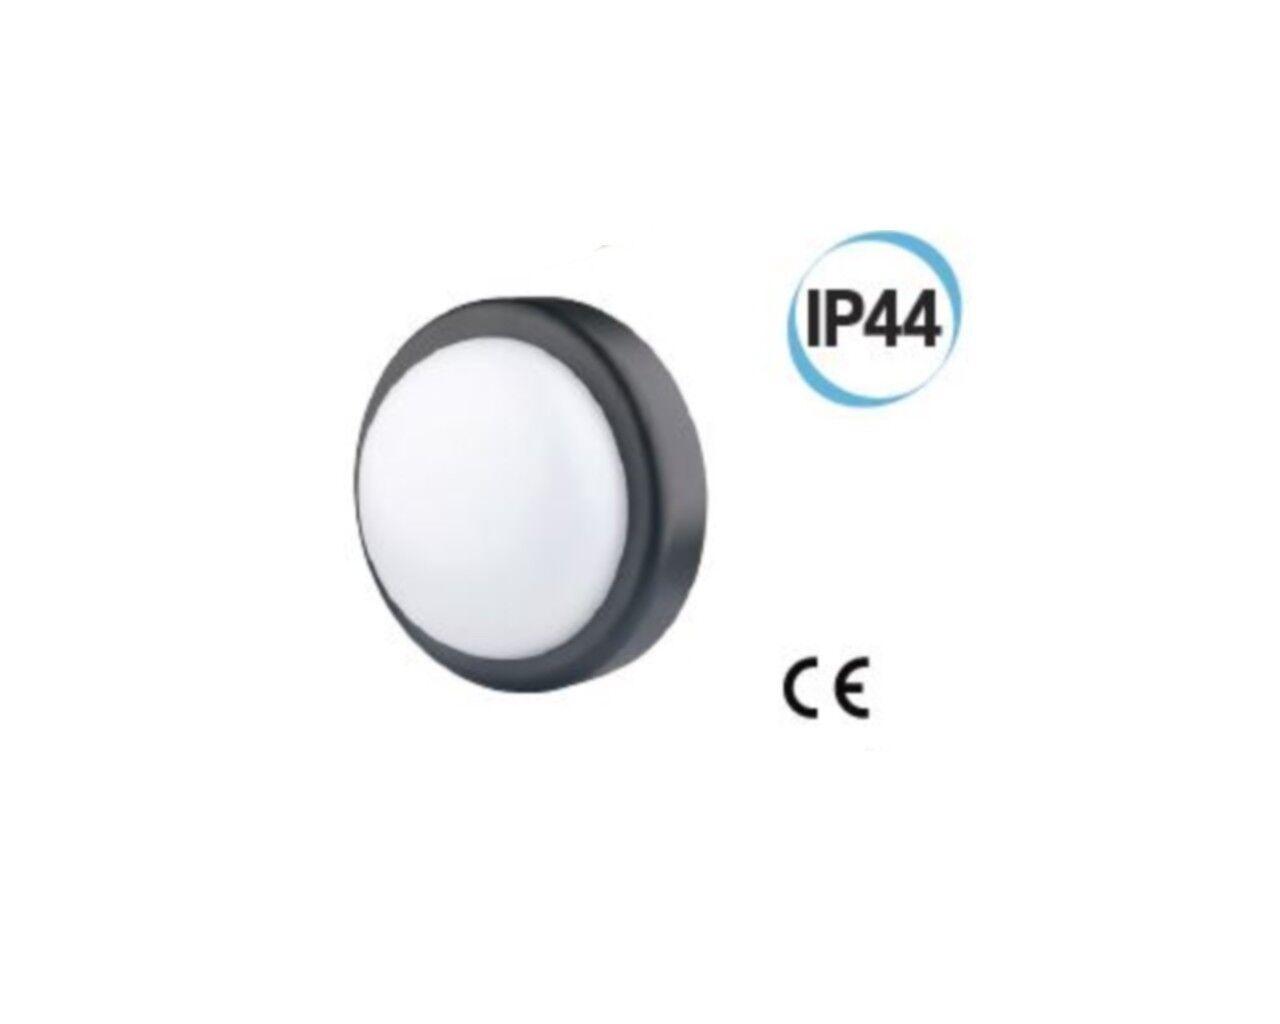 Fanale LED per esterno tondo supporto D D D 197 Coloreeee nero Electraline 65008 5a66e8